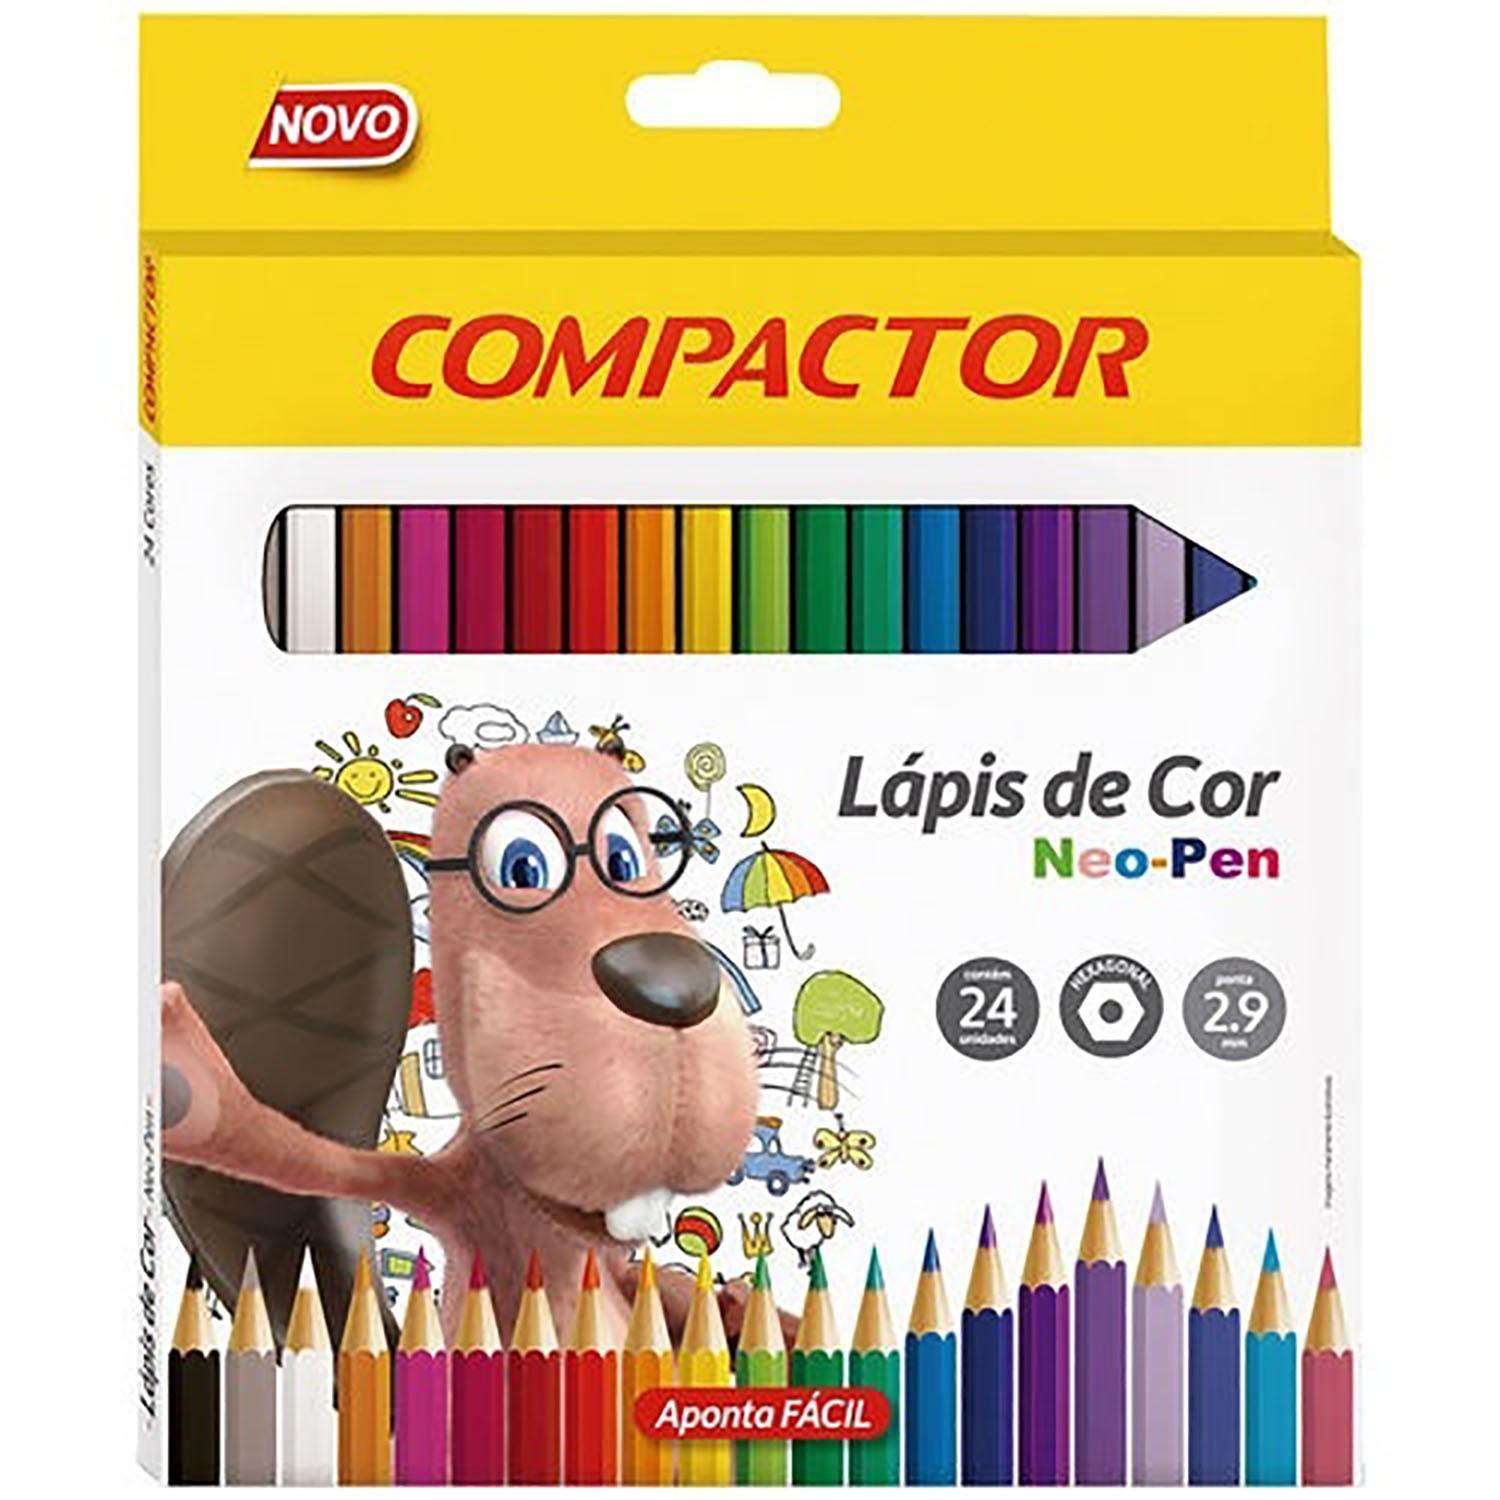 Lapis De Cor Neo Pen Madeira 2,9mm Com 24 Cores - Compactor